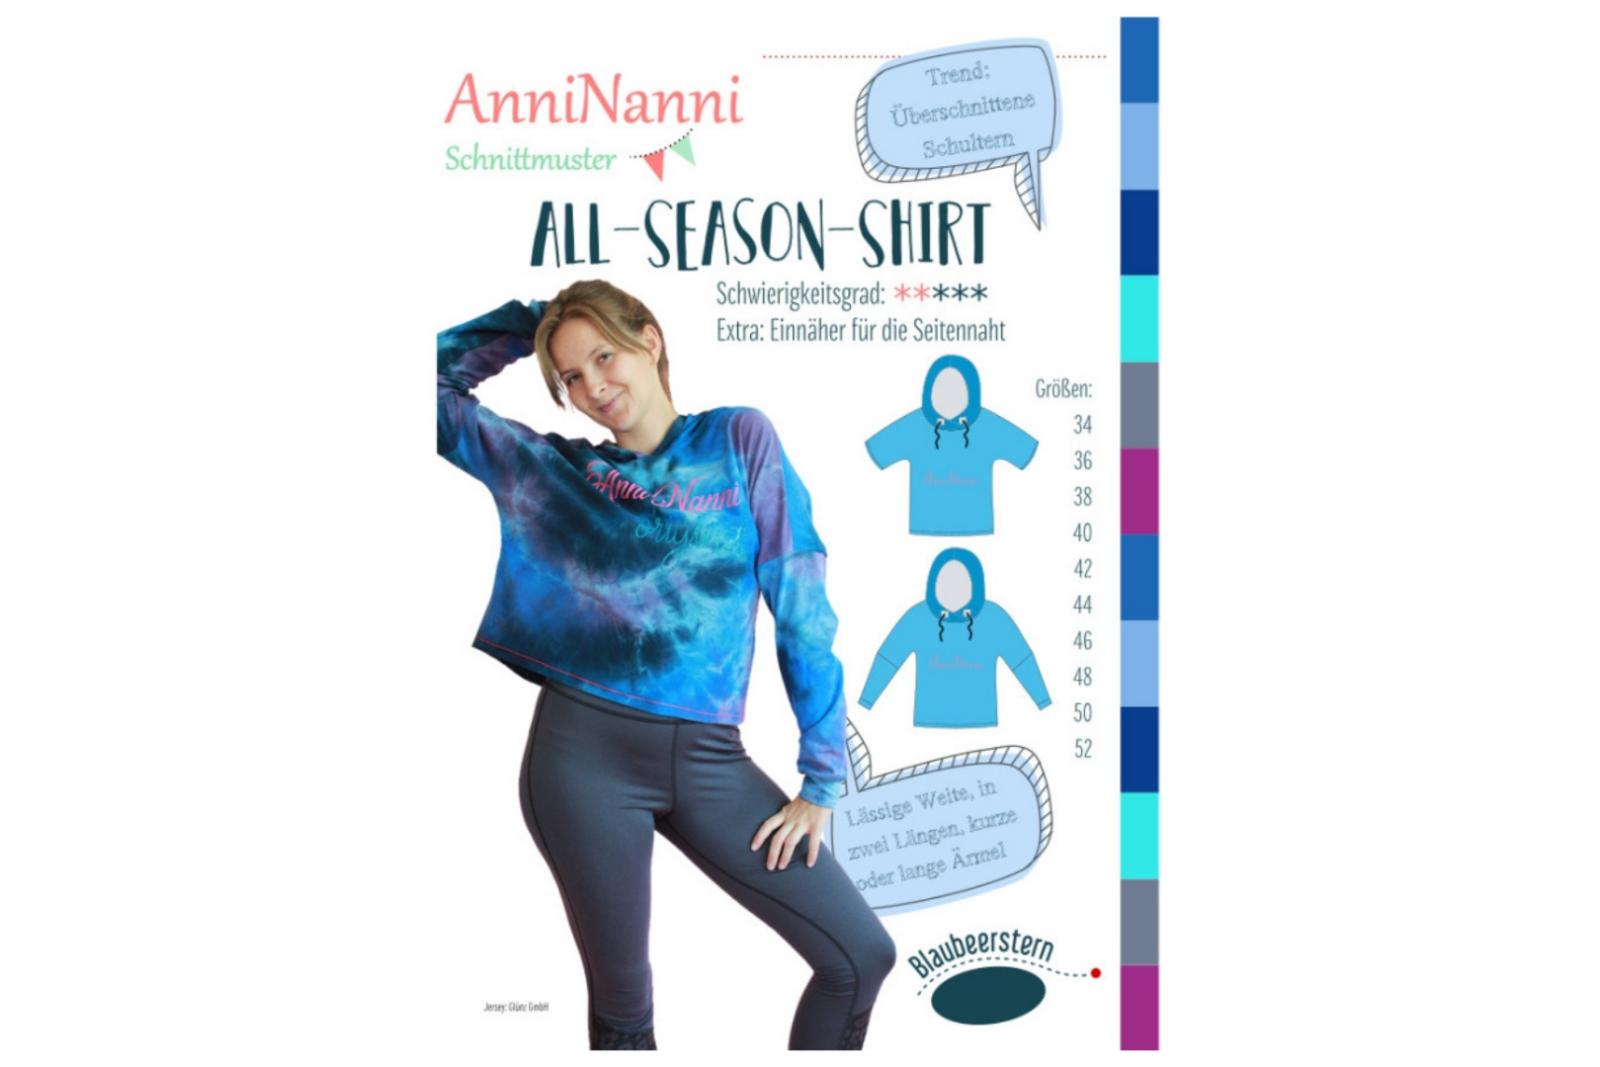 All-Season-Shirt - AnniNanni - Papierschnittmuster -